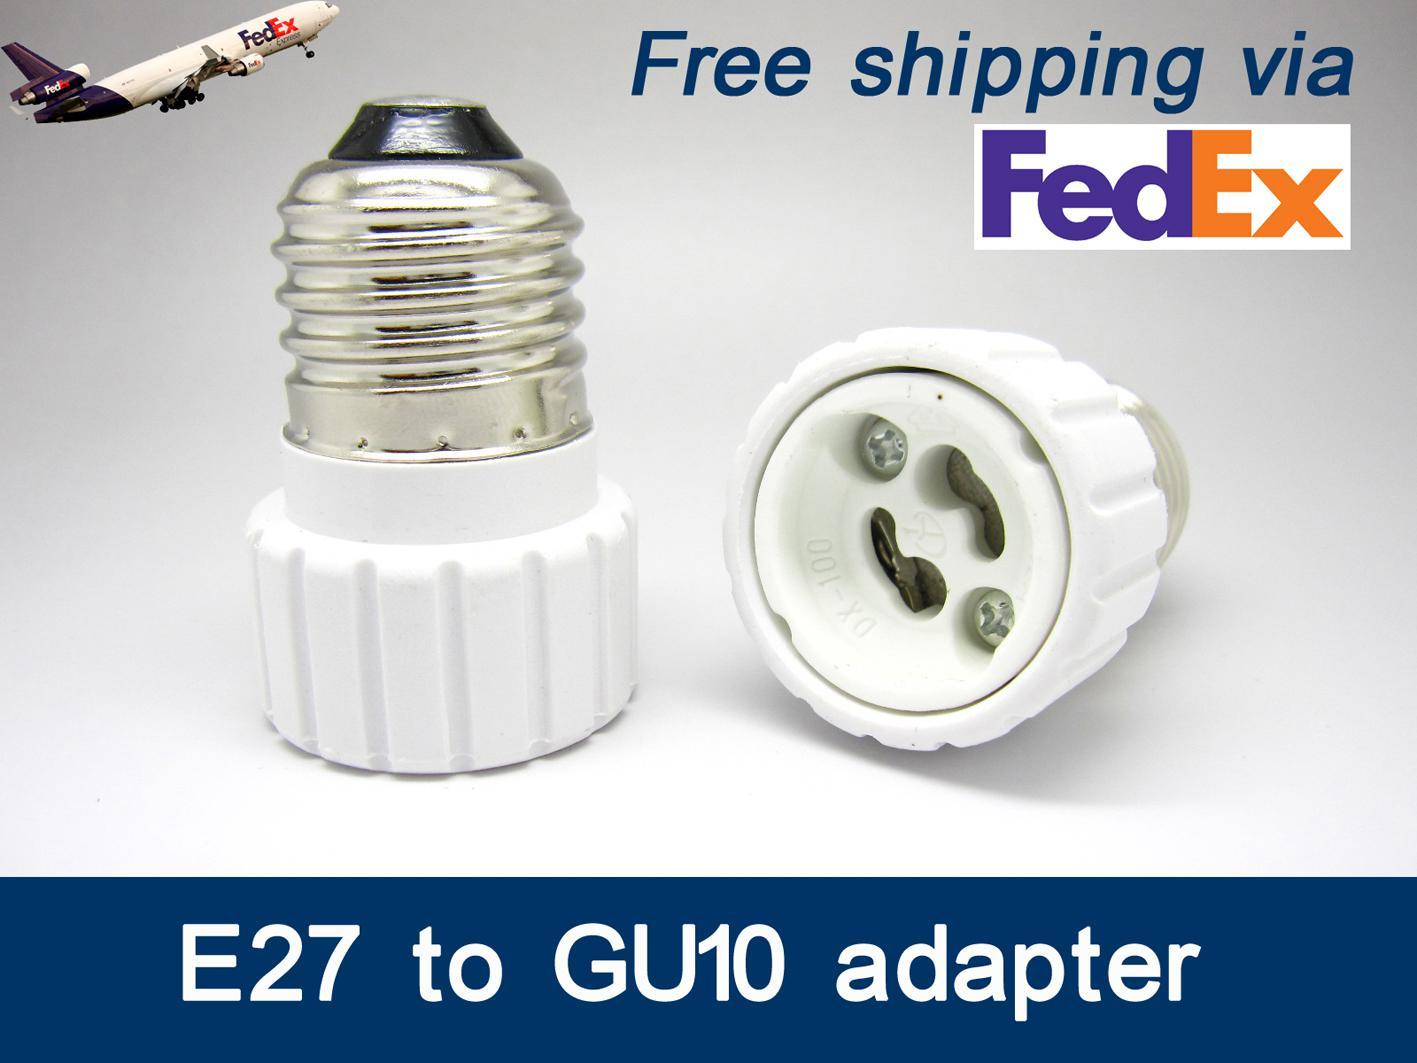 FedEx бесплатная доставка ES, чтобы GU10 адаптер светодиодные адаптер E27 к GU10 держатель адаптер Адаптер GU10 к E27 конвертер гнездо E27-GU10 с цоколем GU10-Е27